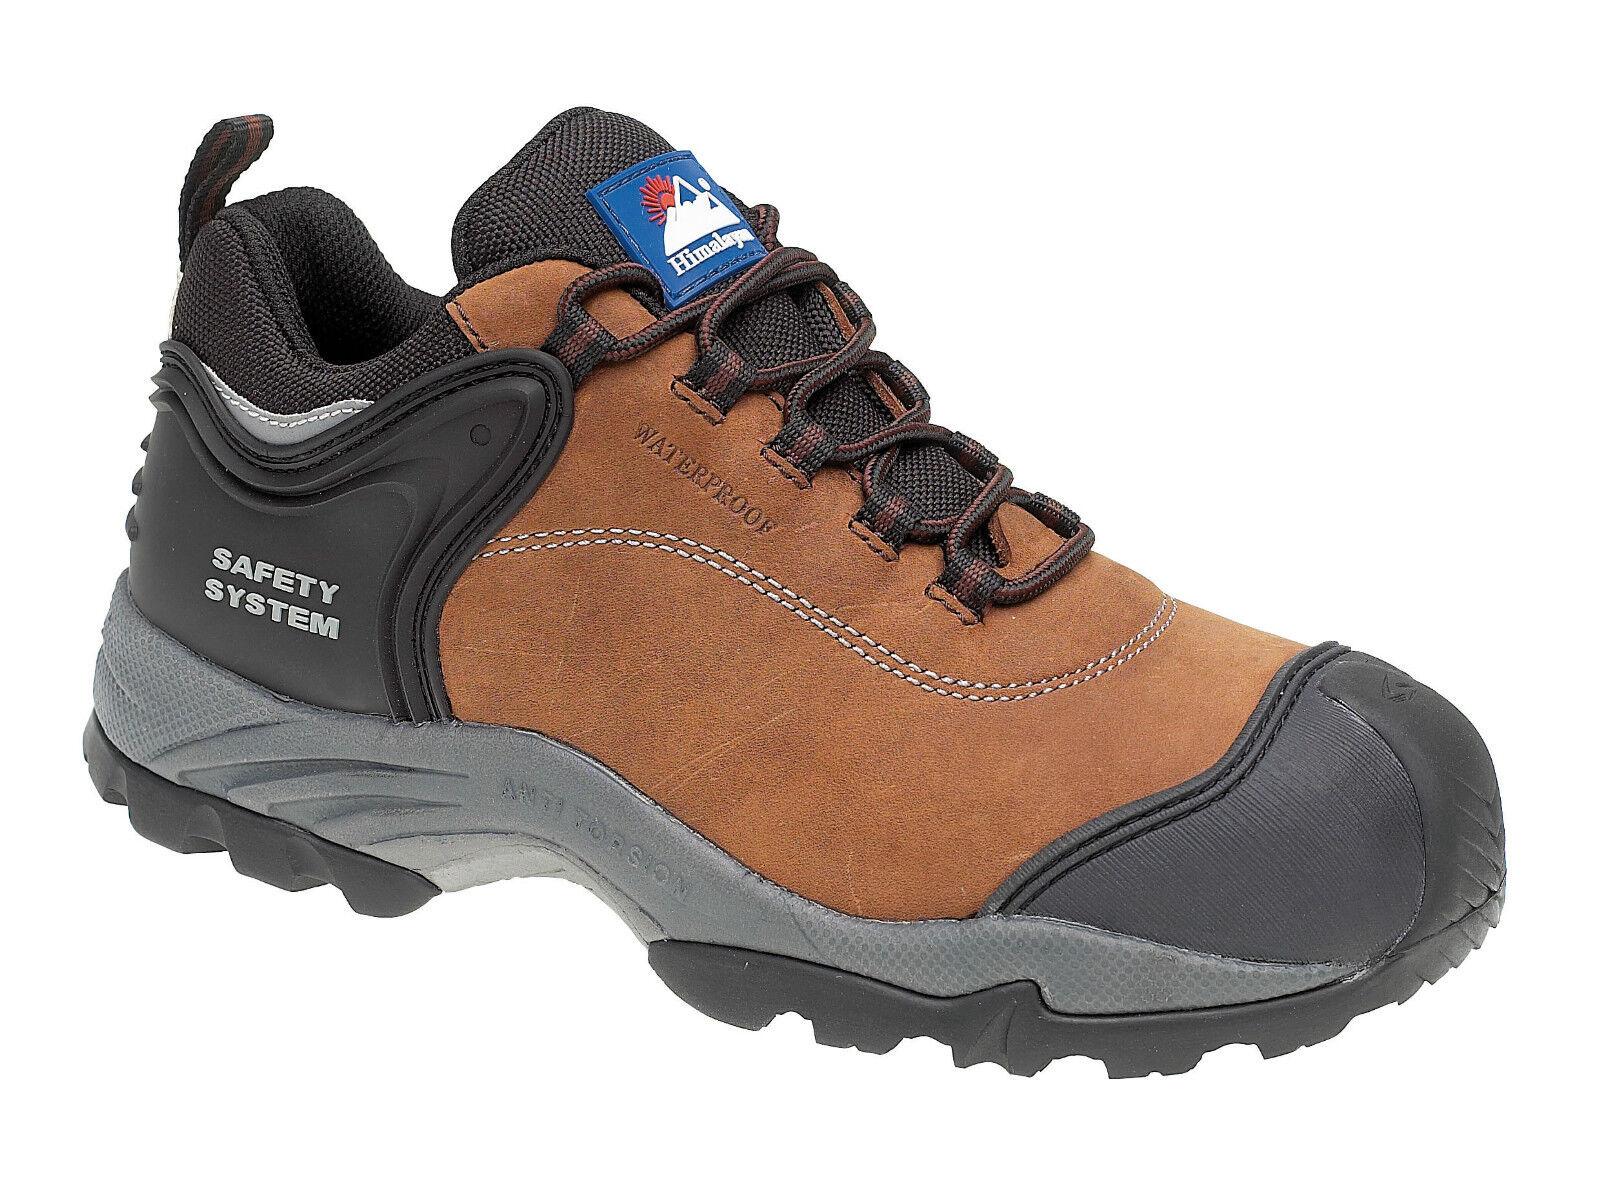 Dell' Marrone Himalaya 4105 S3 SRC Marrone Dell' Composito Punta Metallo libero Impermeabili Scarpe di sicurezza 11633b